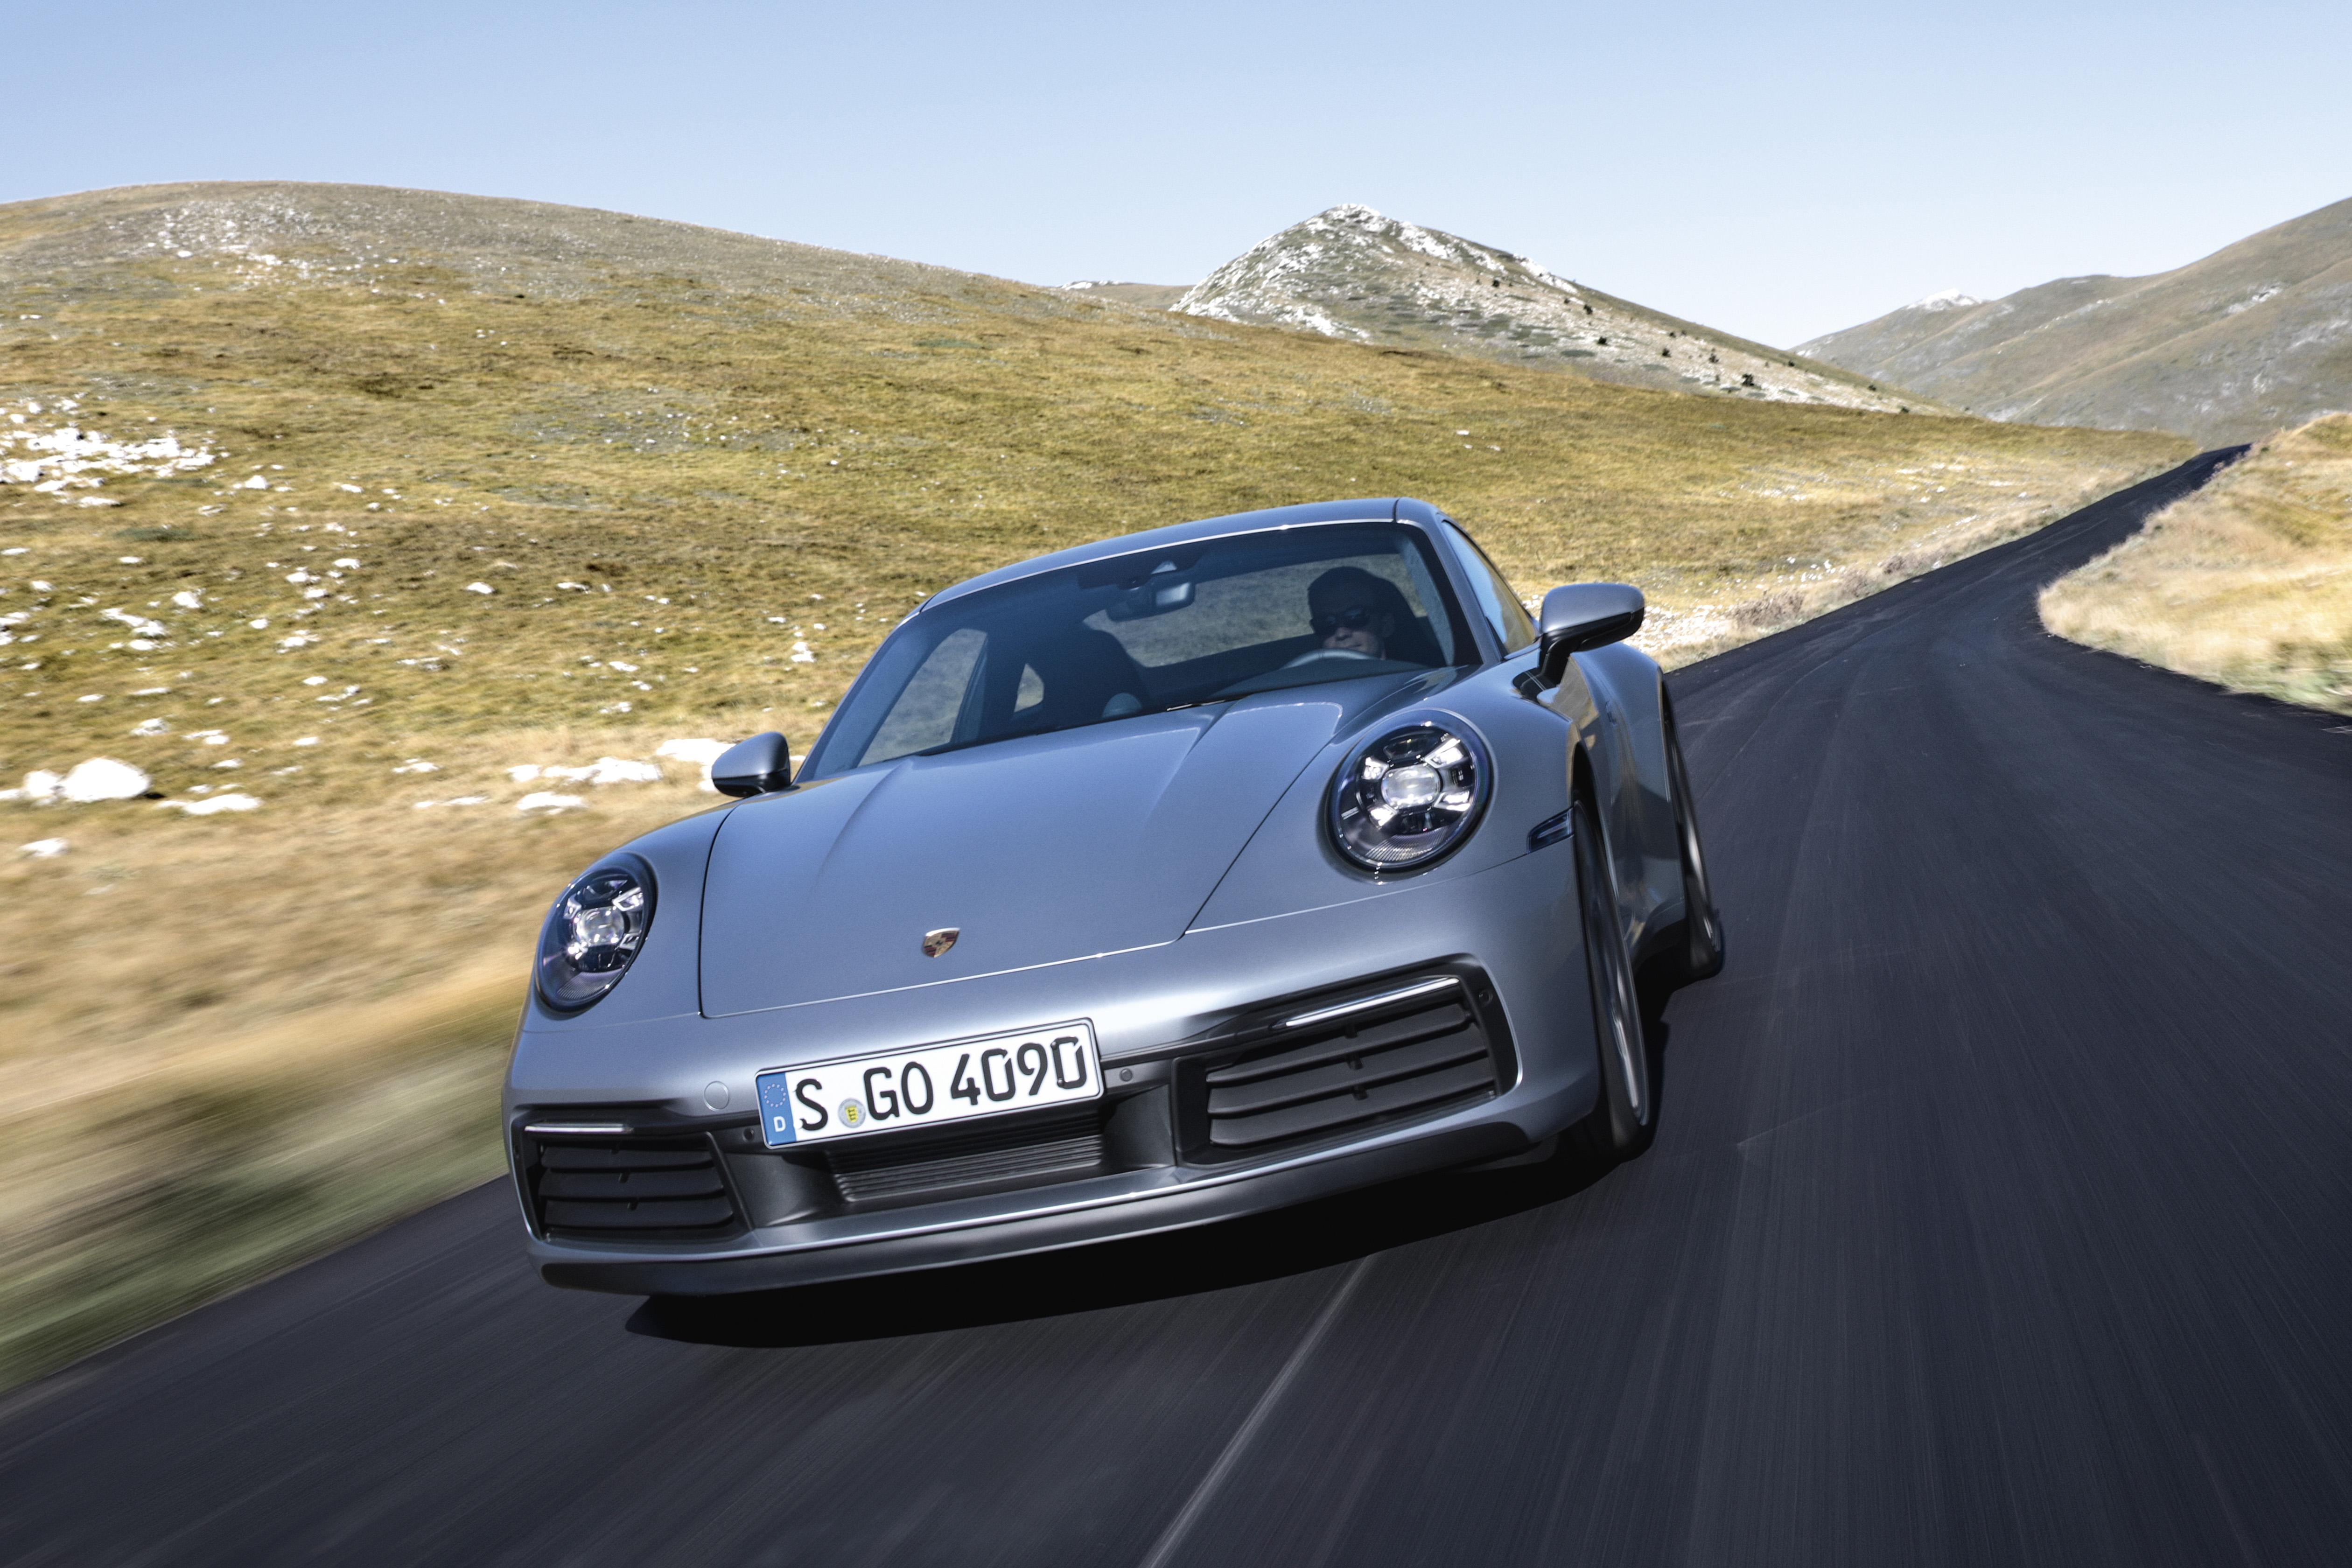 De nieuwe Porsche 911: krachtiger, sneller, digitaal